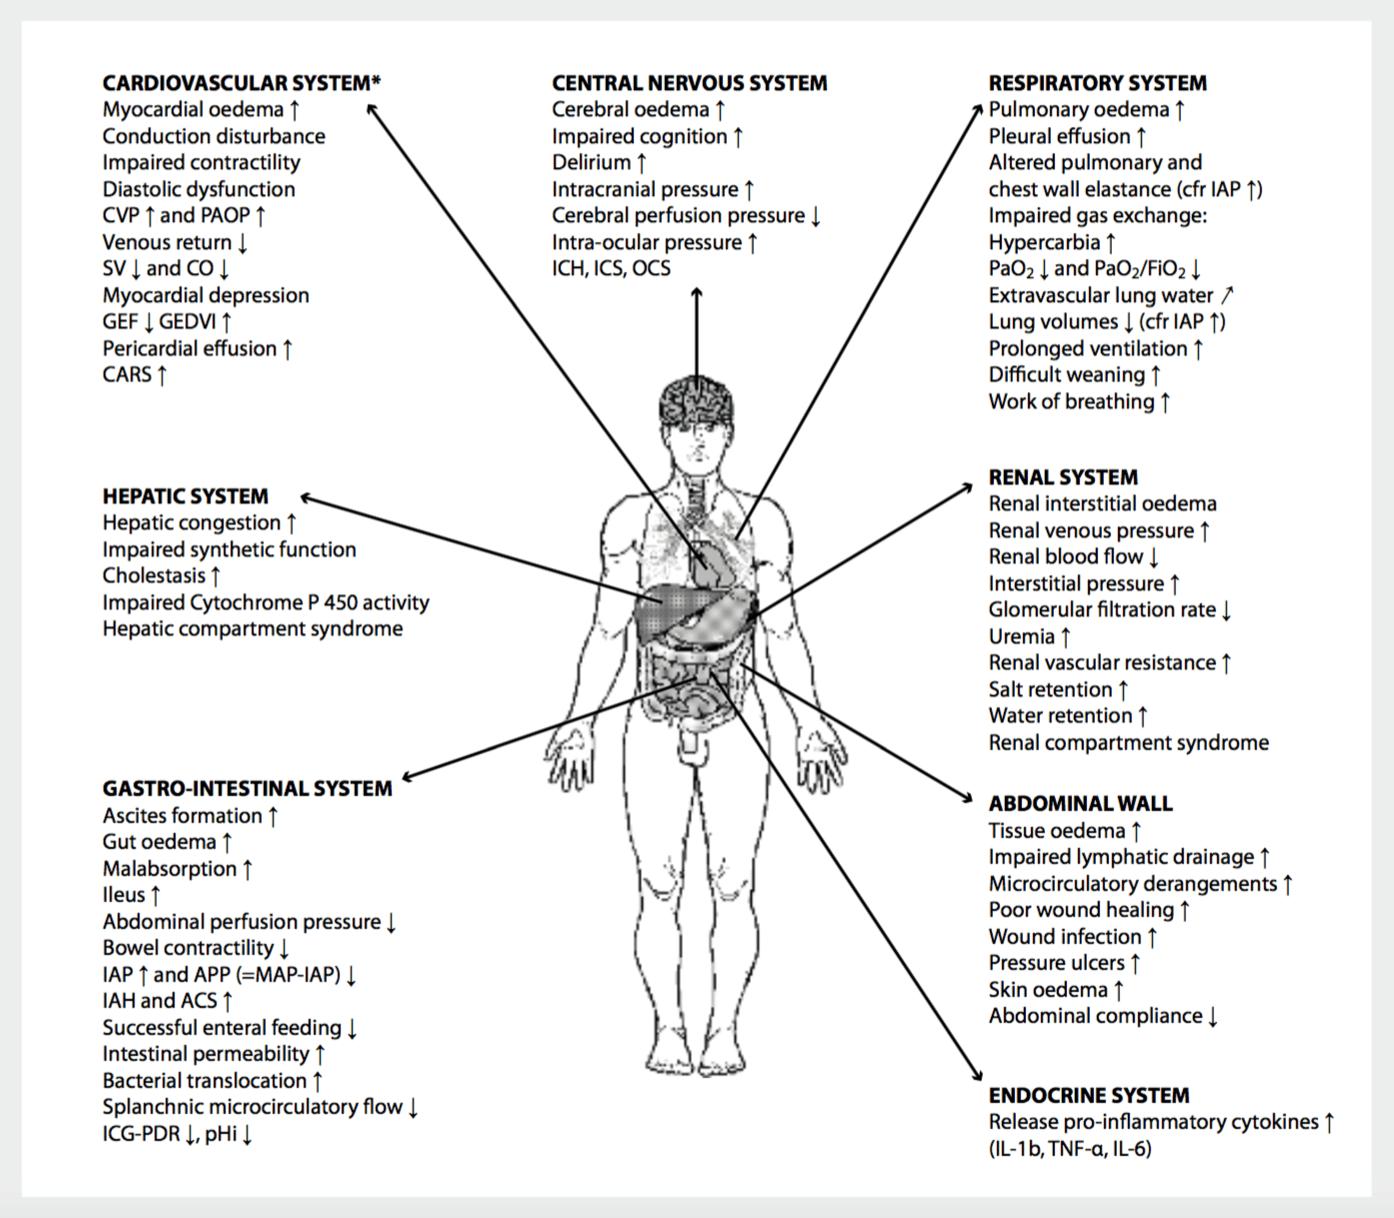 aap neonatal sepsis guidelines 2016